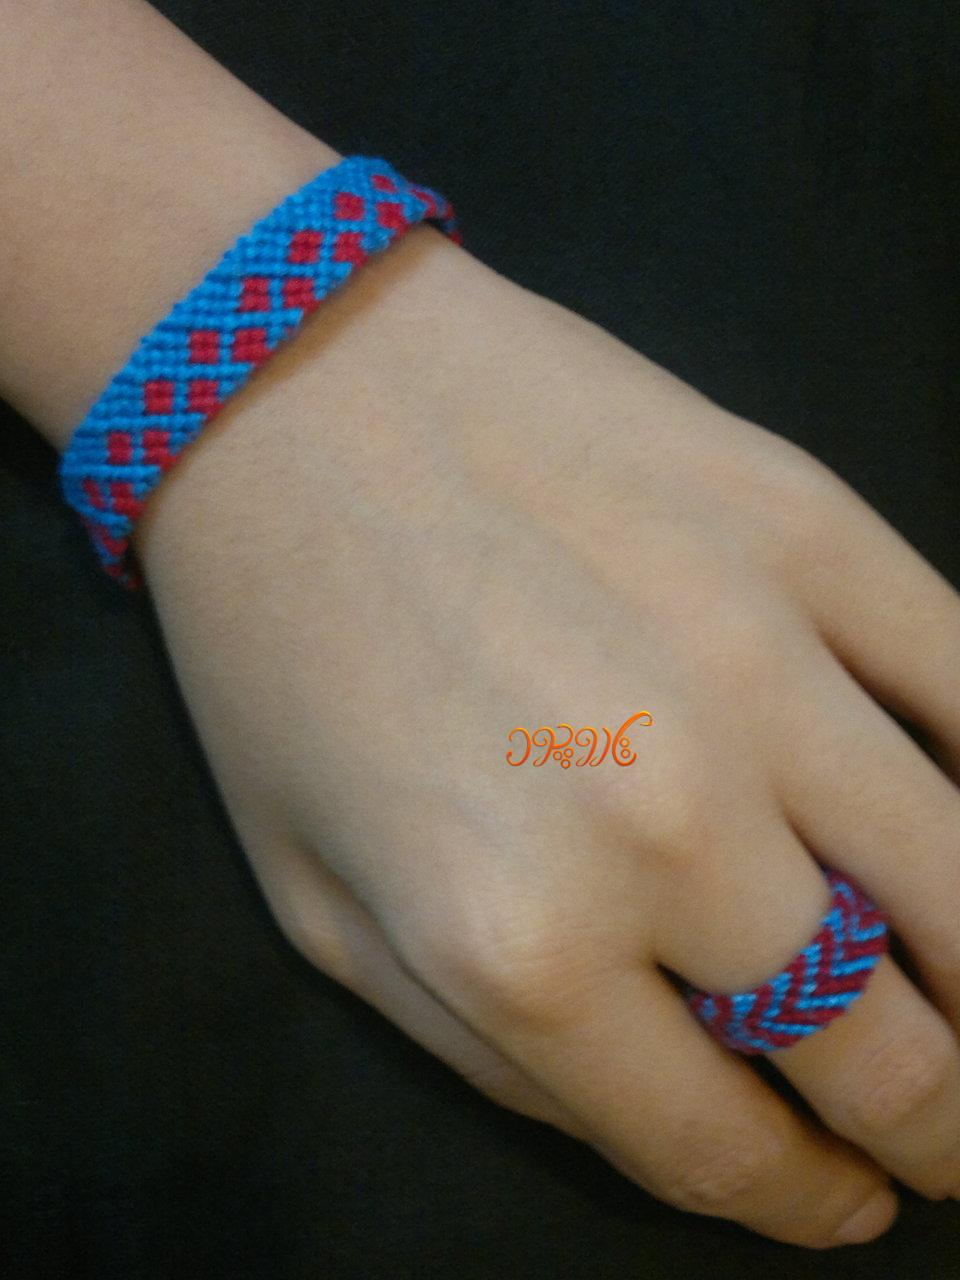 آموزش بافت یک نوع دستبند دوستی زیبا و جدید